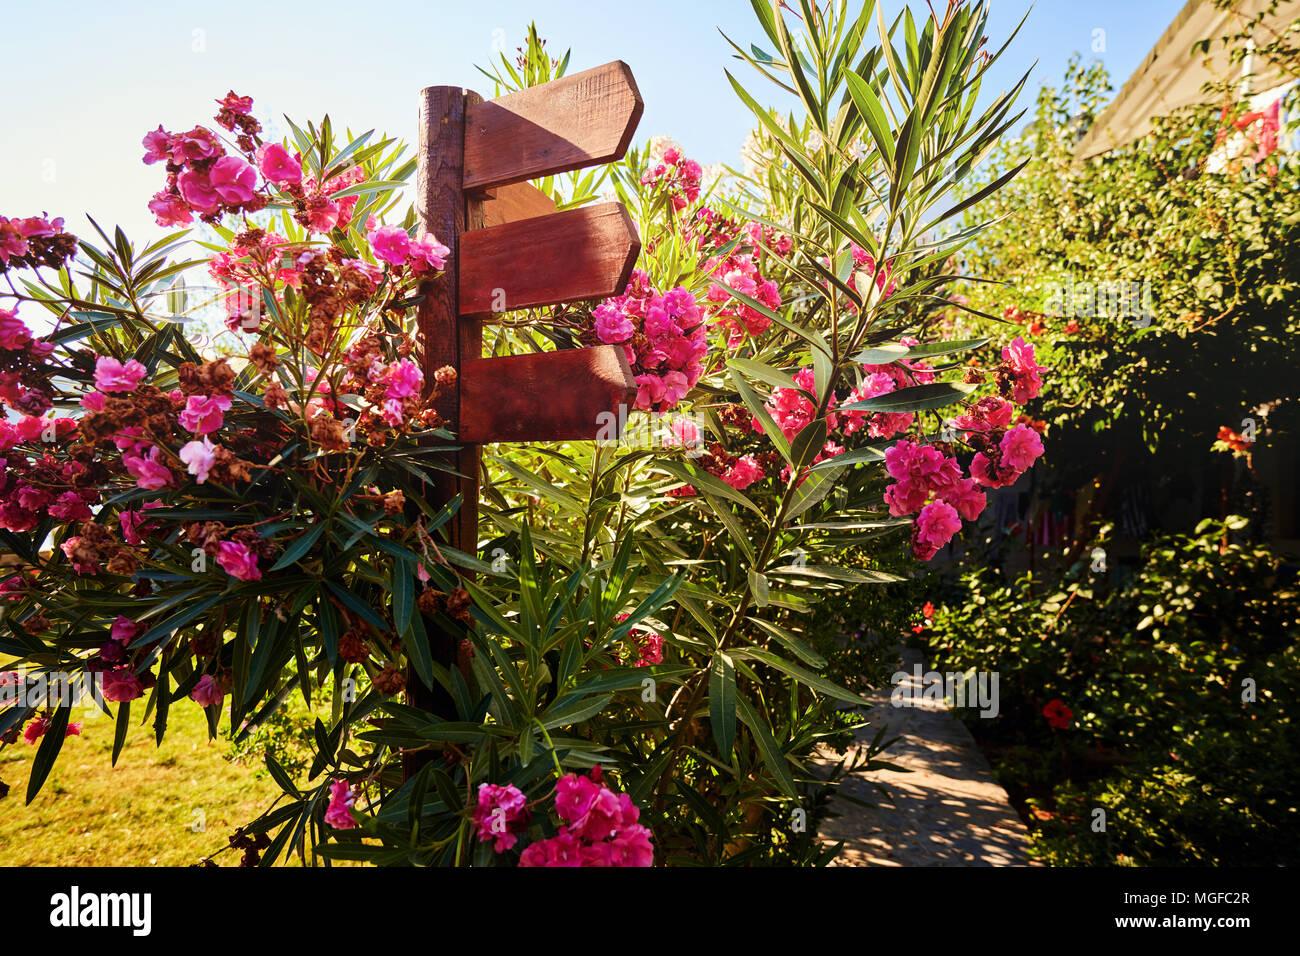 Holz Wegweiser Surruonded Mit Bunten Blumen Im Garten An Einem